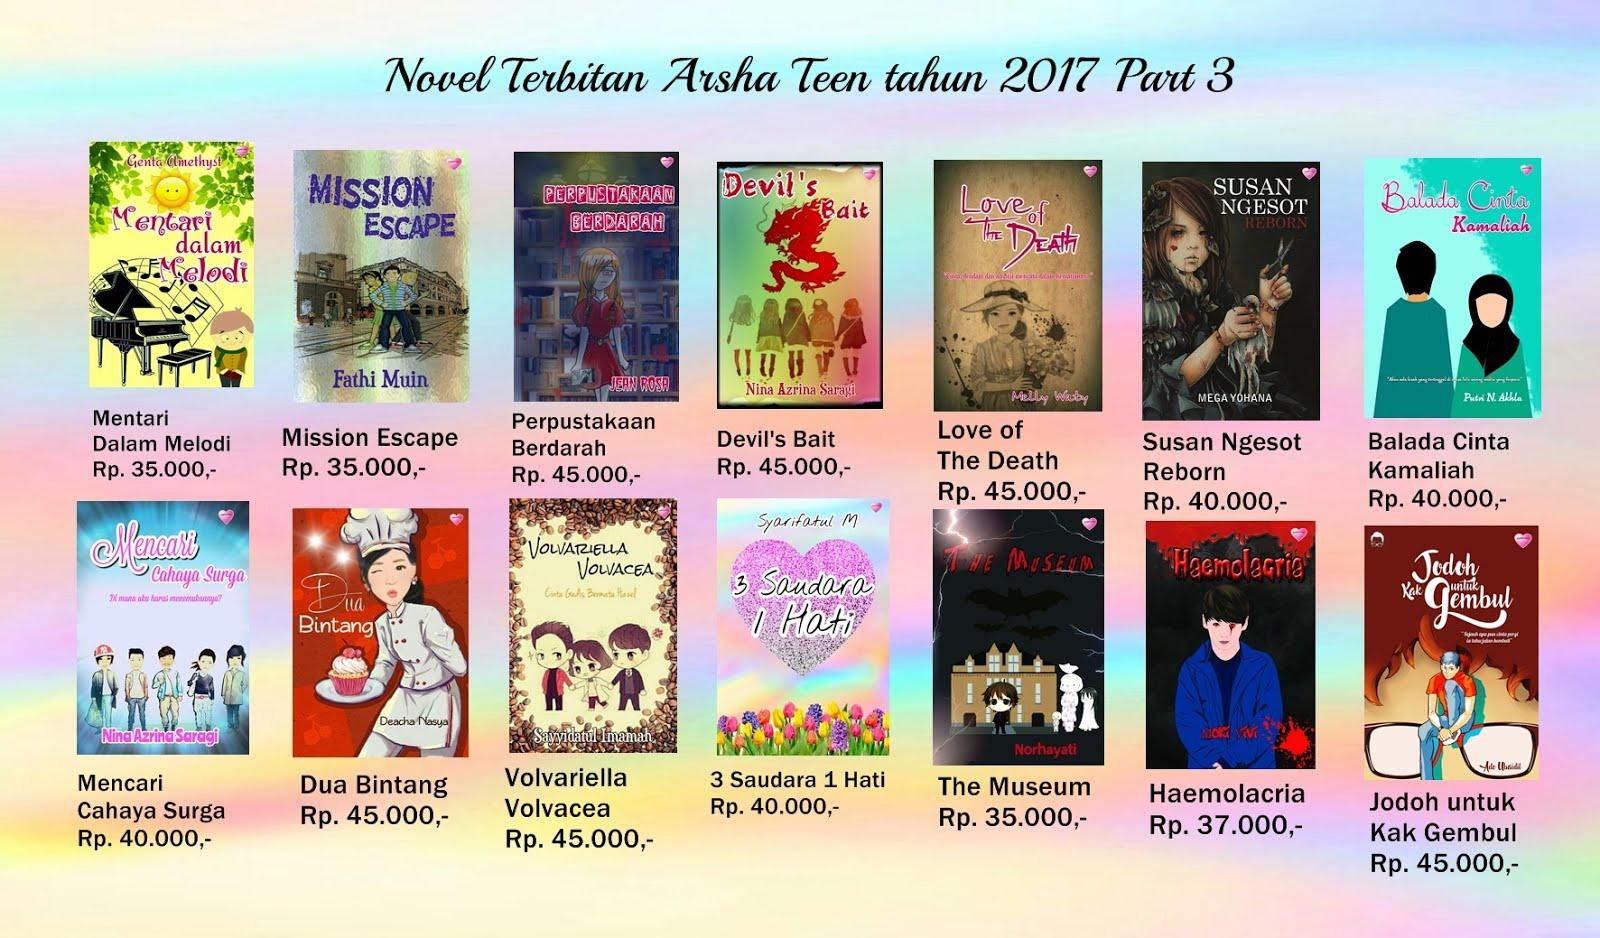 Novel Terbitan Arsha Teen Tahun 2017 Part III